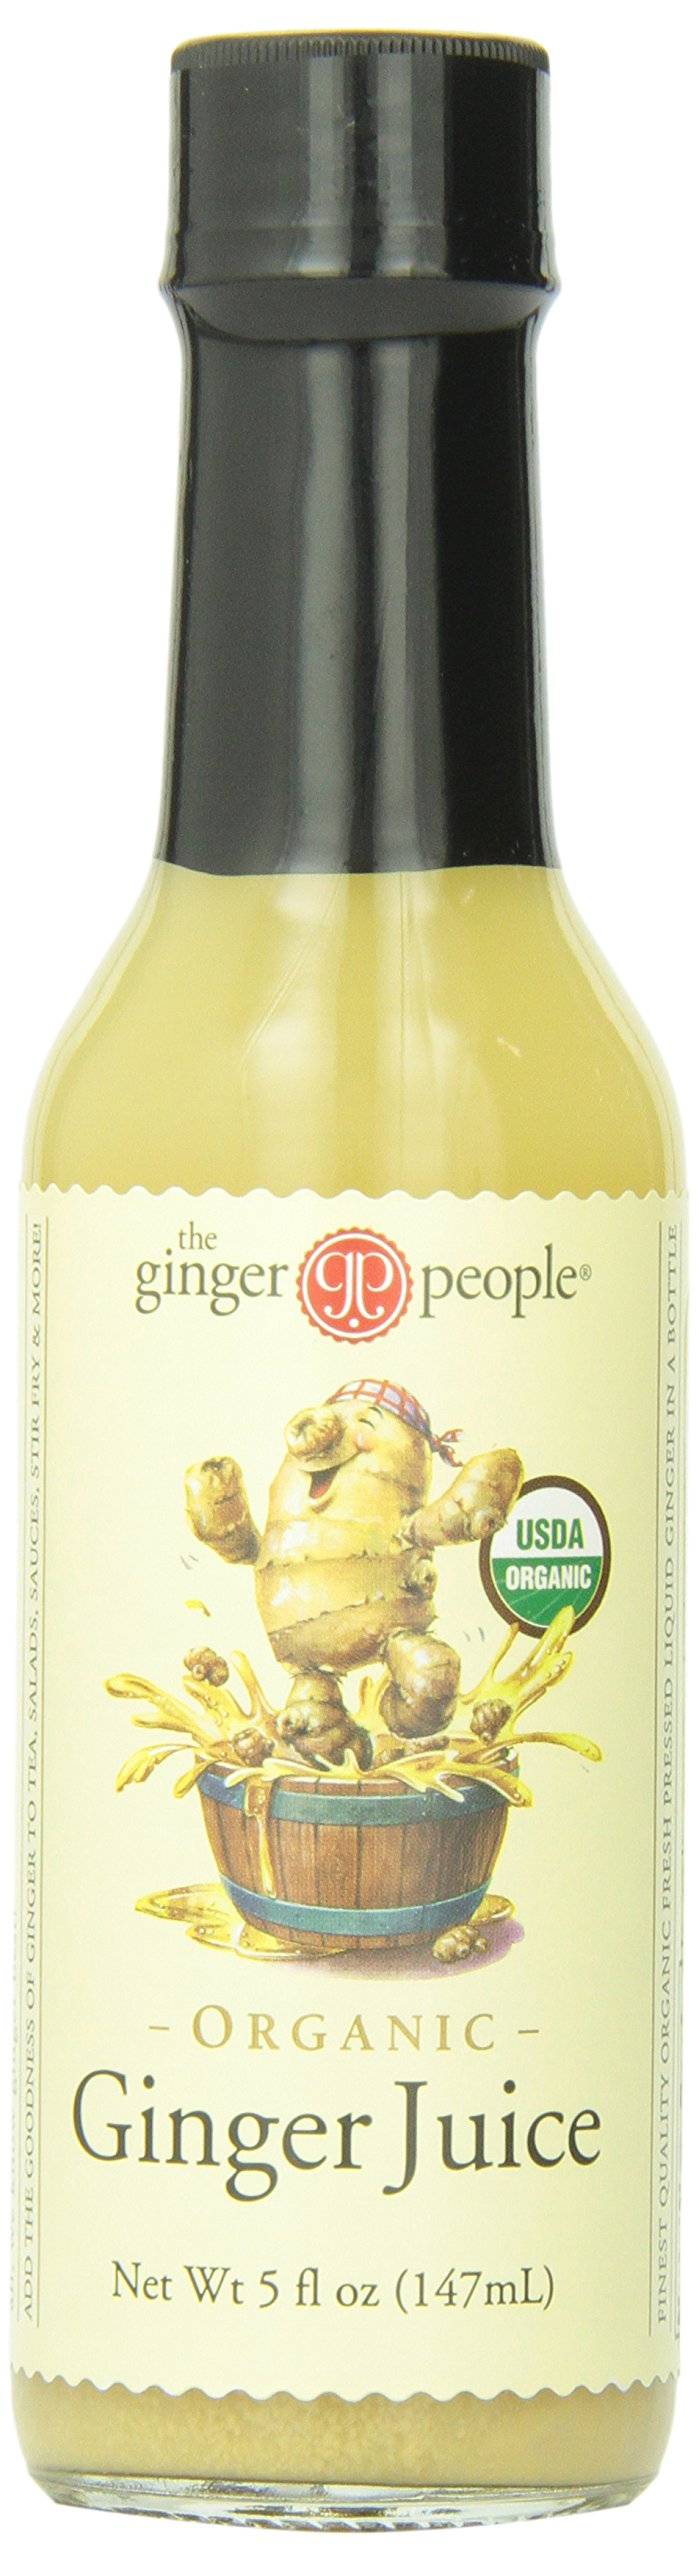 Ginger People Ginger Juice -- 5 fl oz